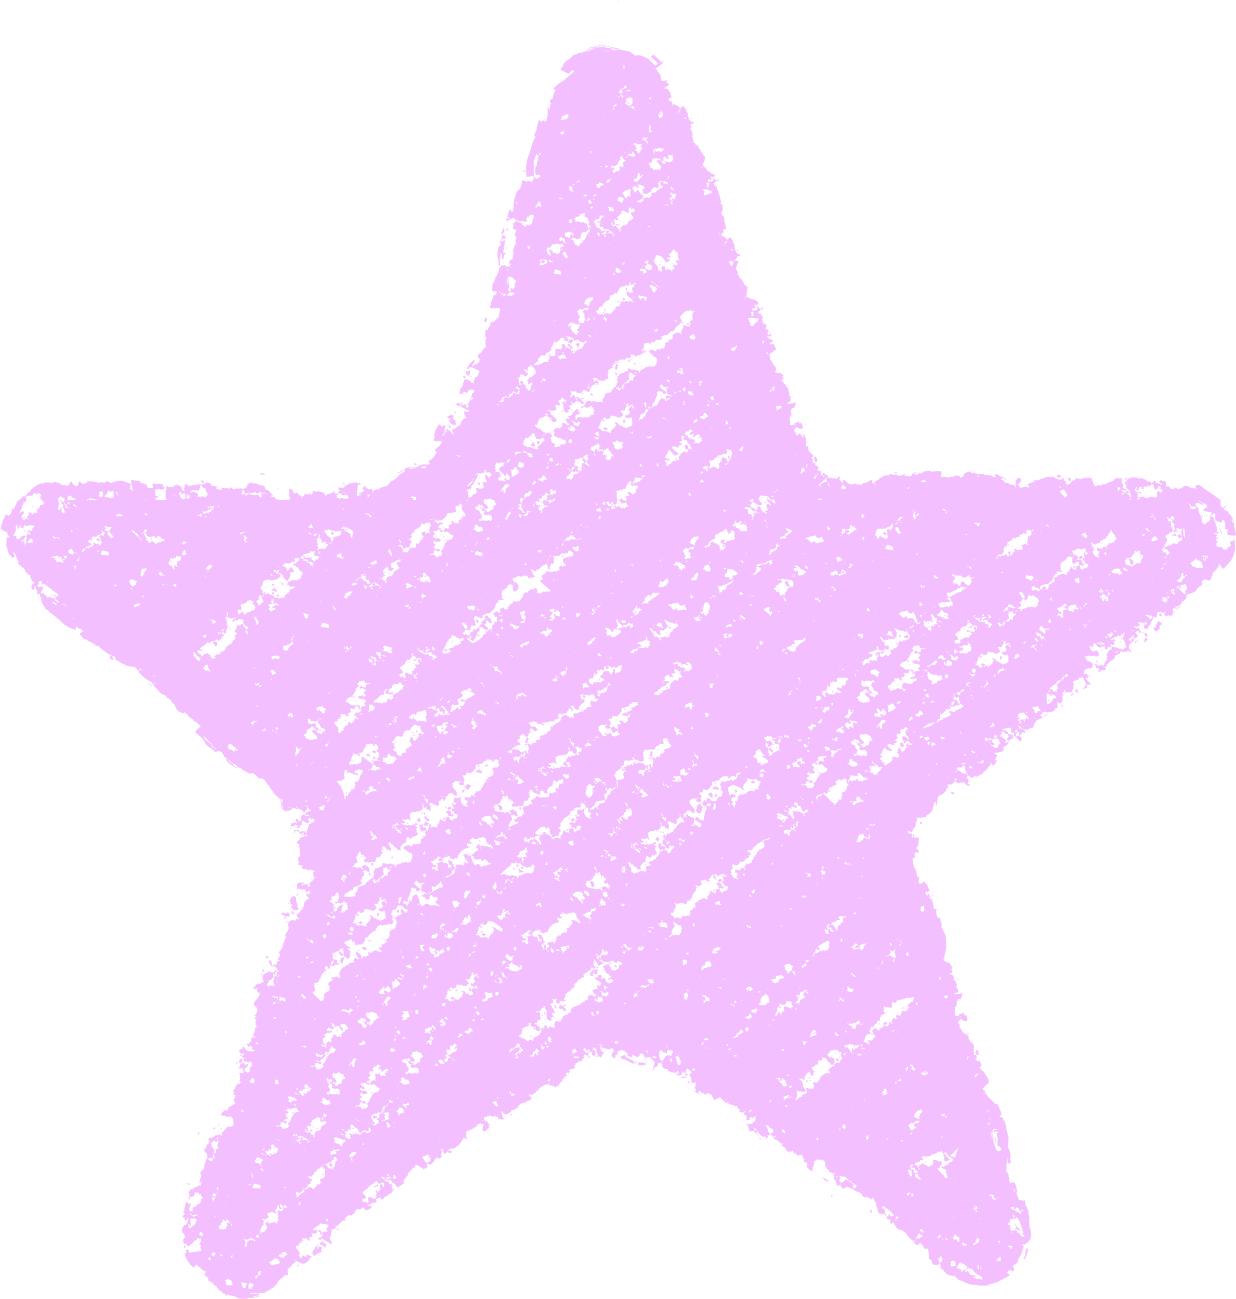 クレヨン塗り背景 パステル 紫色 新(パープル)星のイラスト star_purple